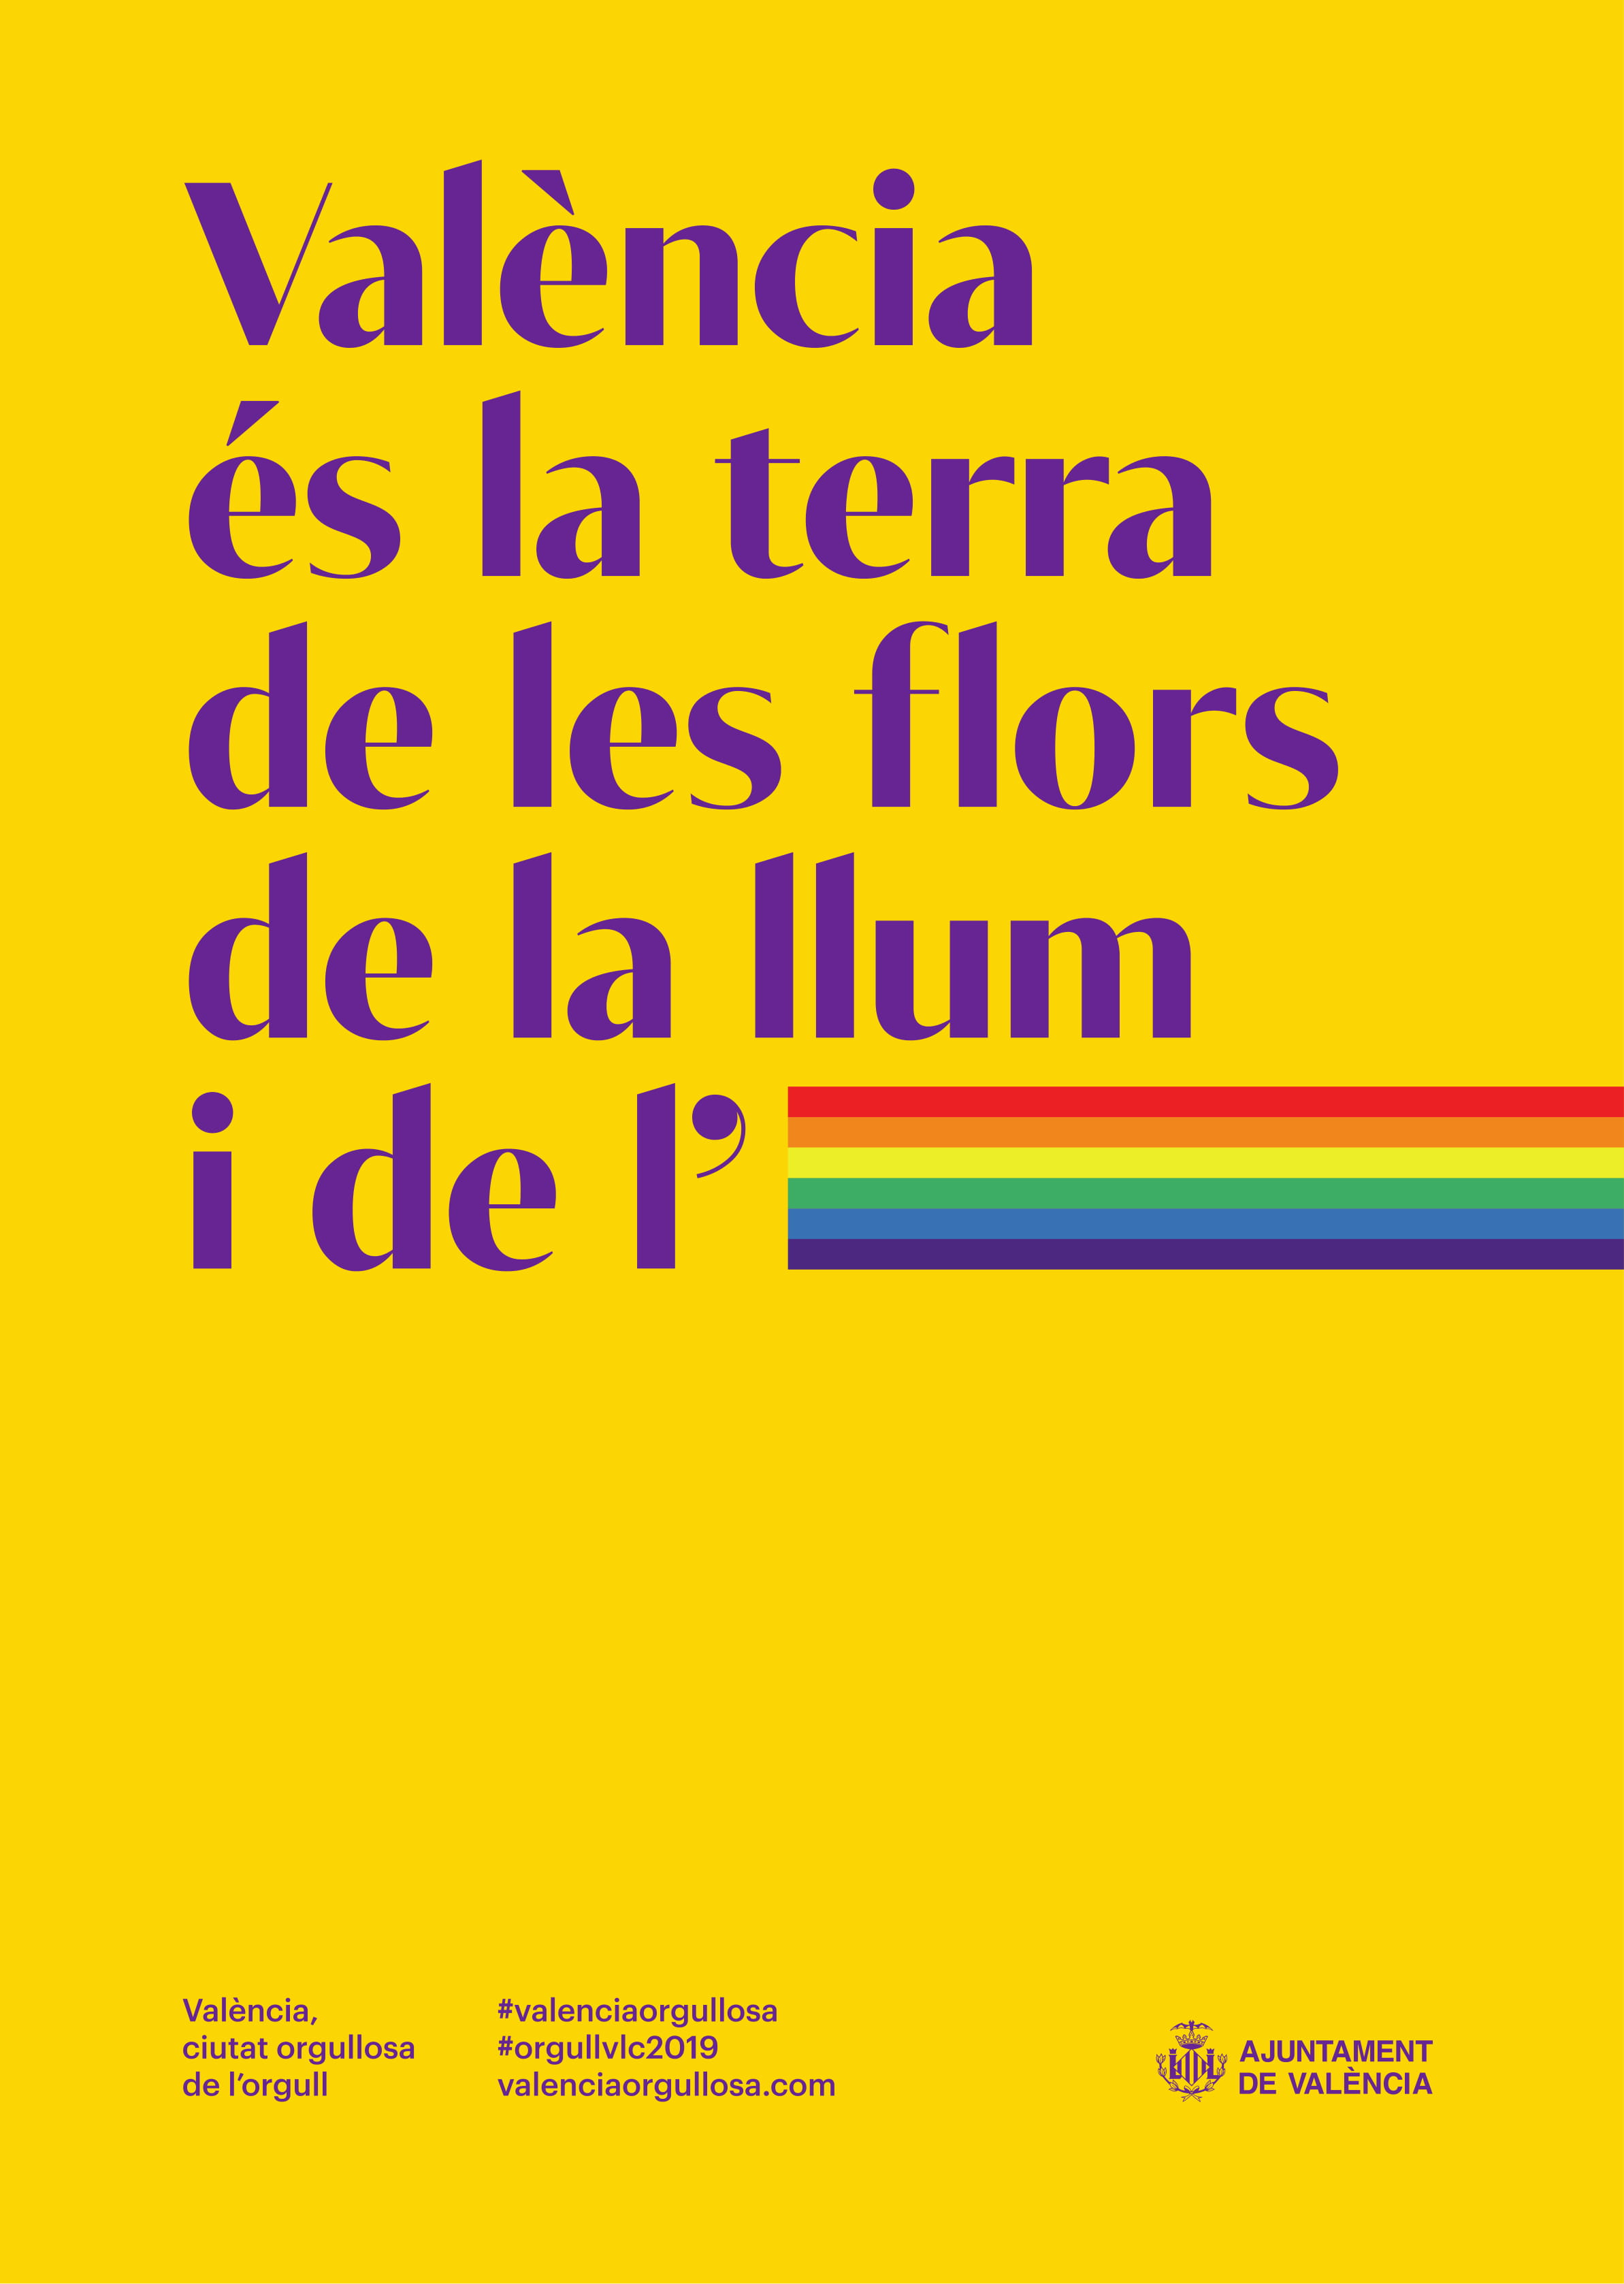 dia del orgullo valencia lgtbi